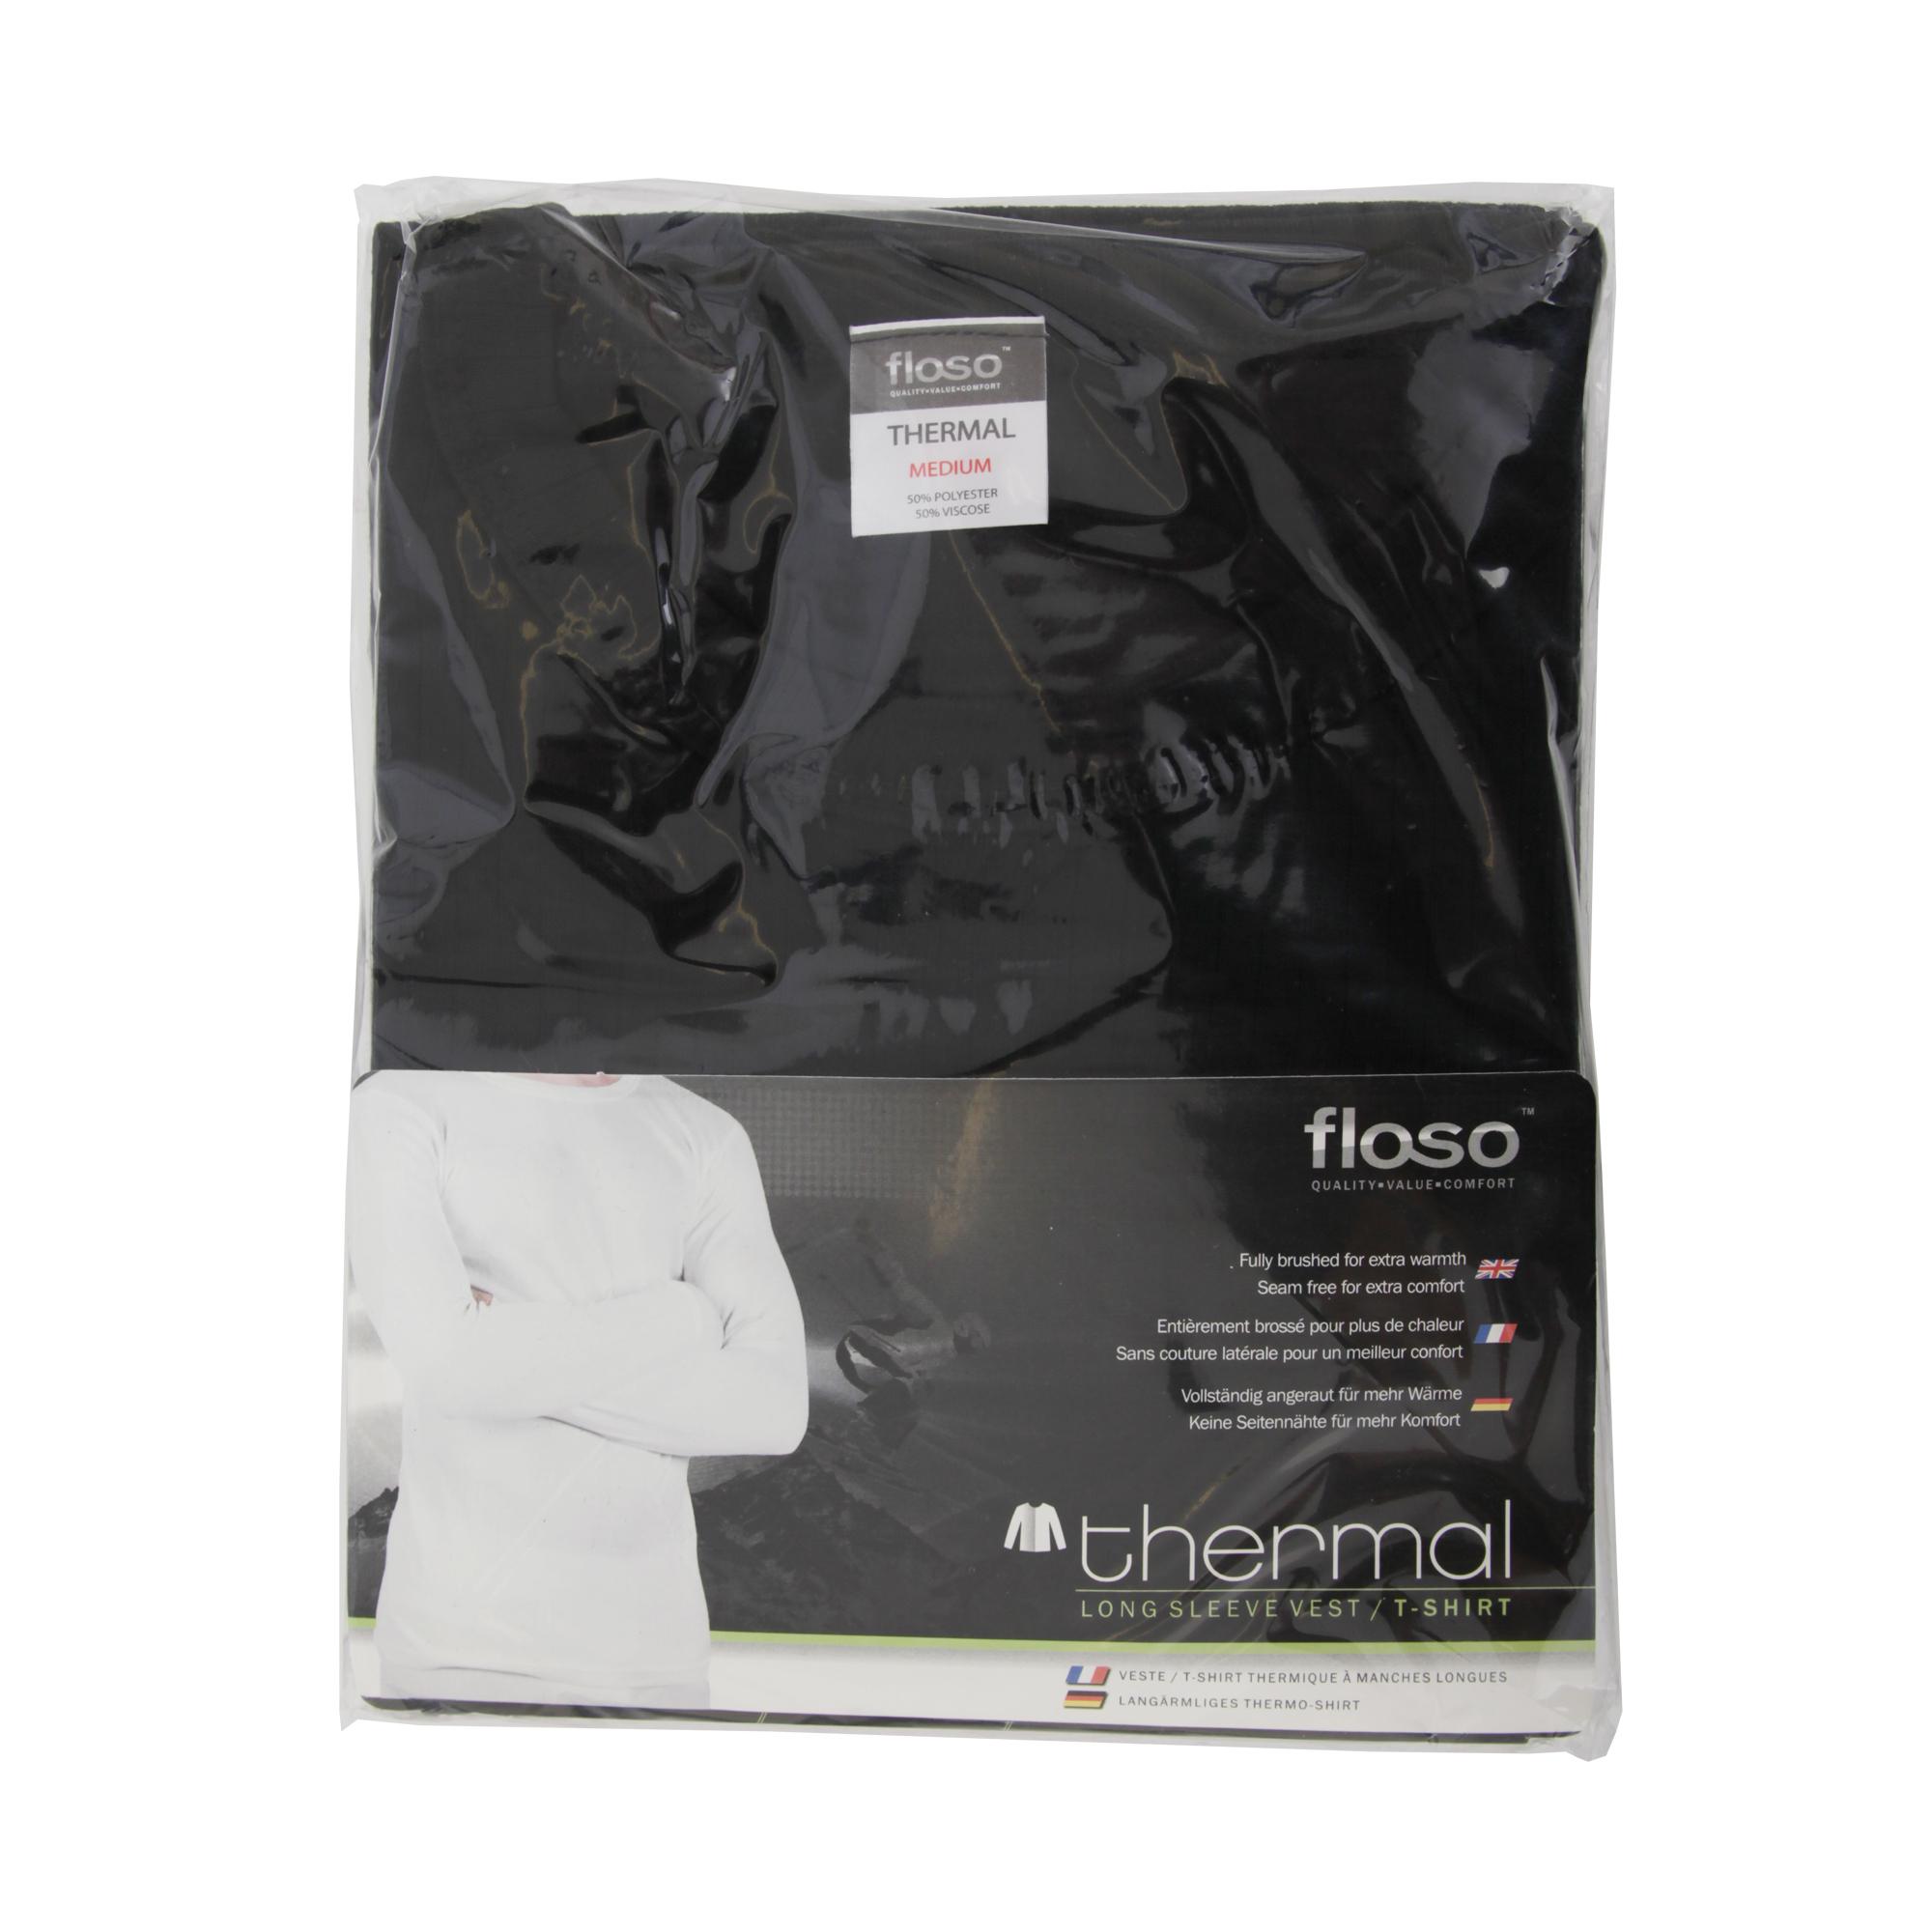 miniature 8 - FLOSO -  T-shirt thermique à manches longues (en viscose) - Homme (THERM107)